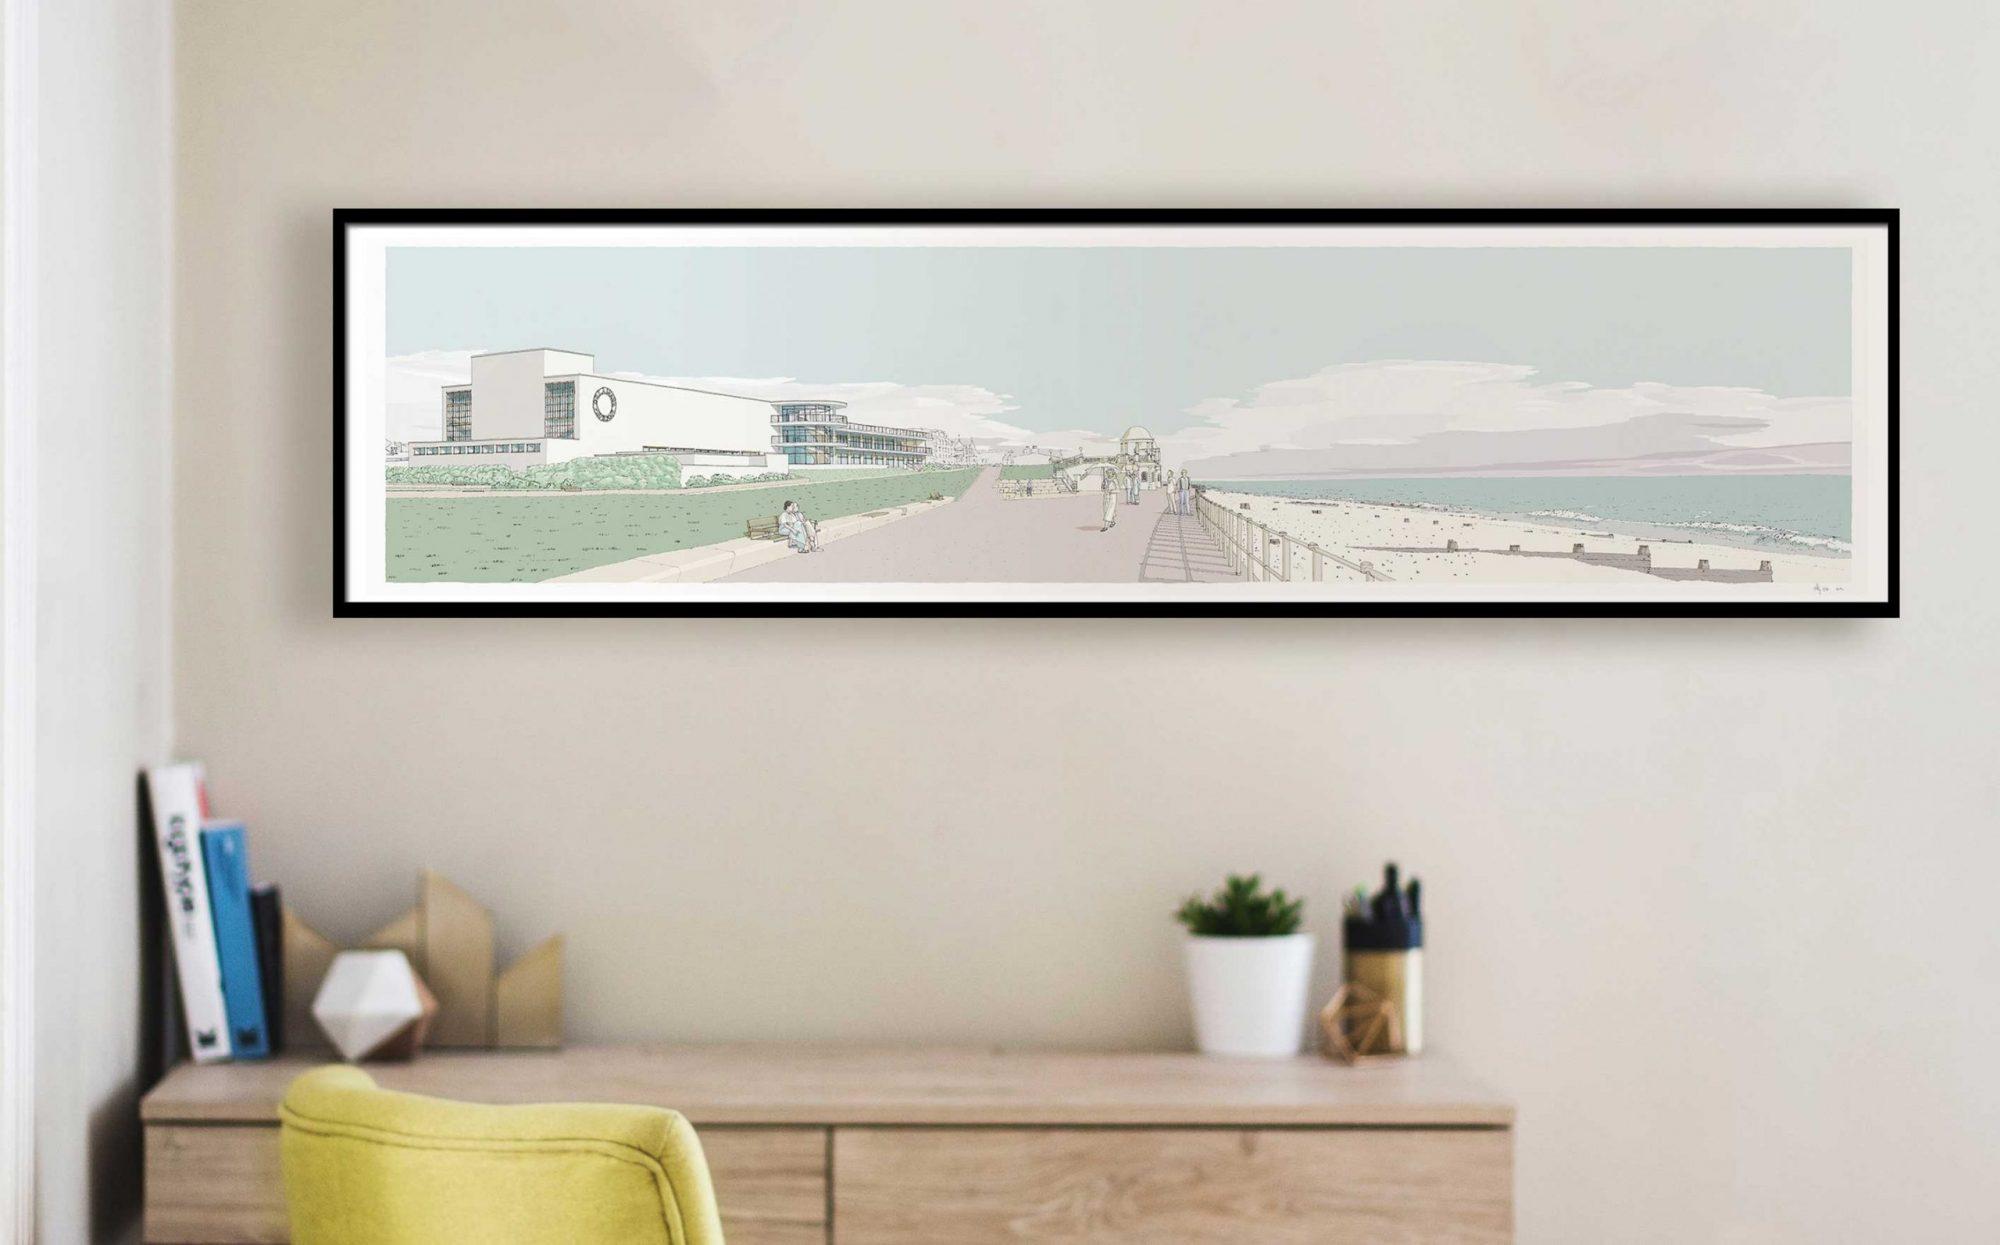 De La Warr Pavilion Bexhill on Sea framed fine art print